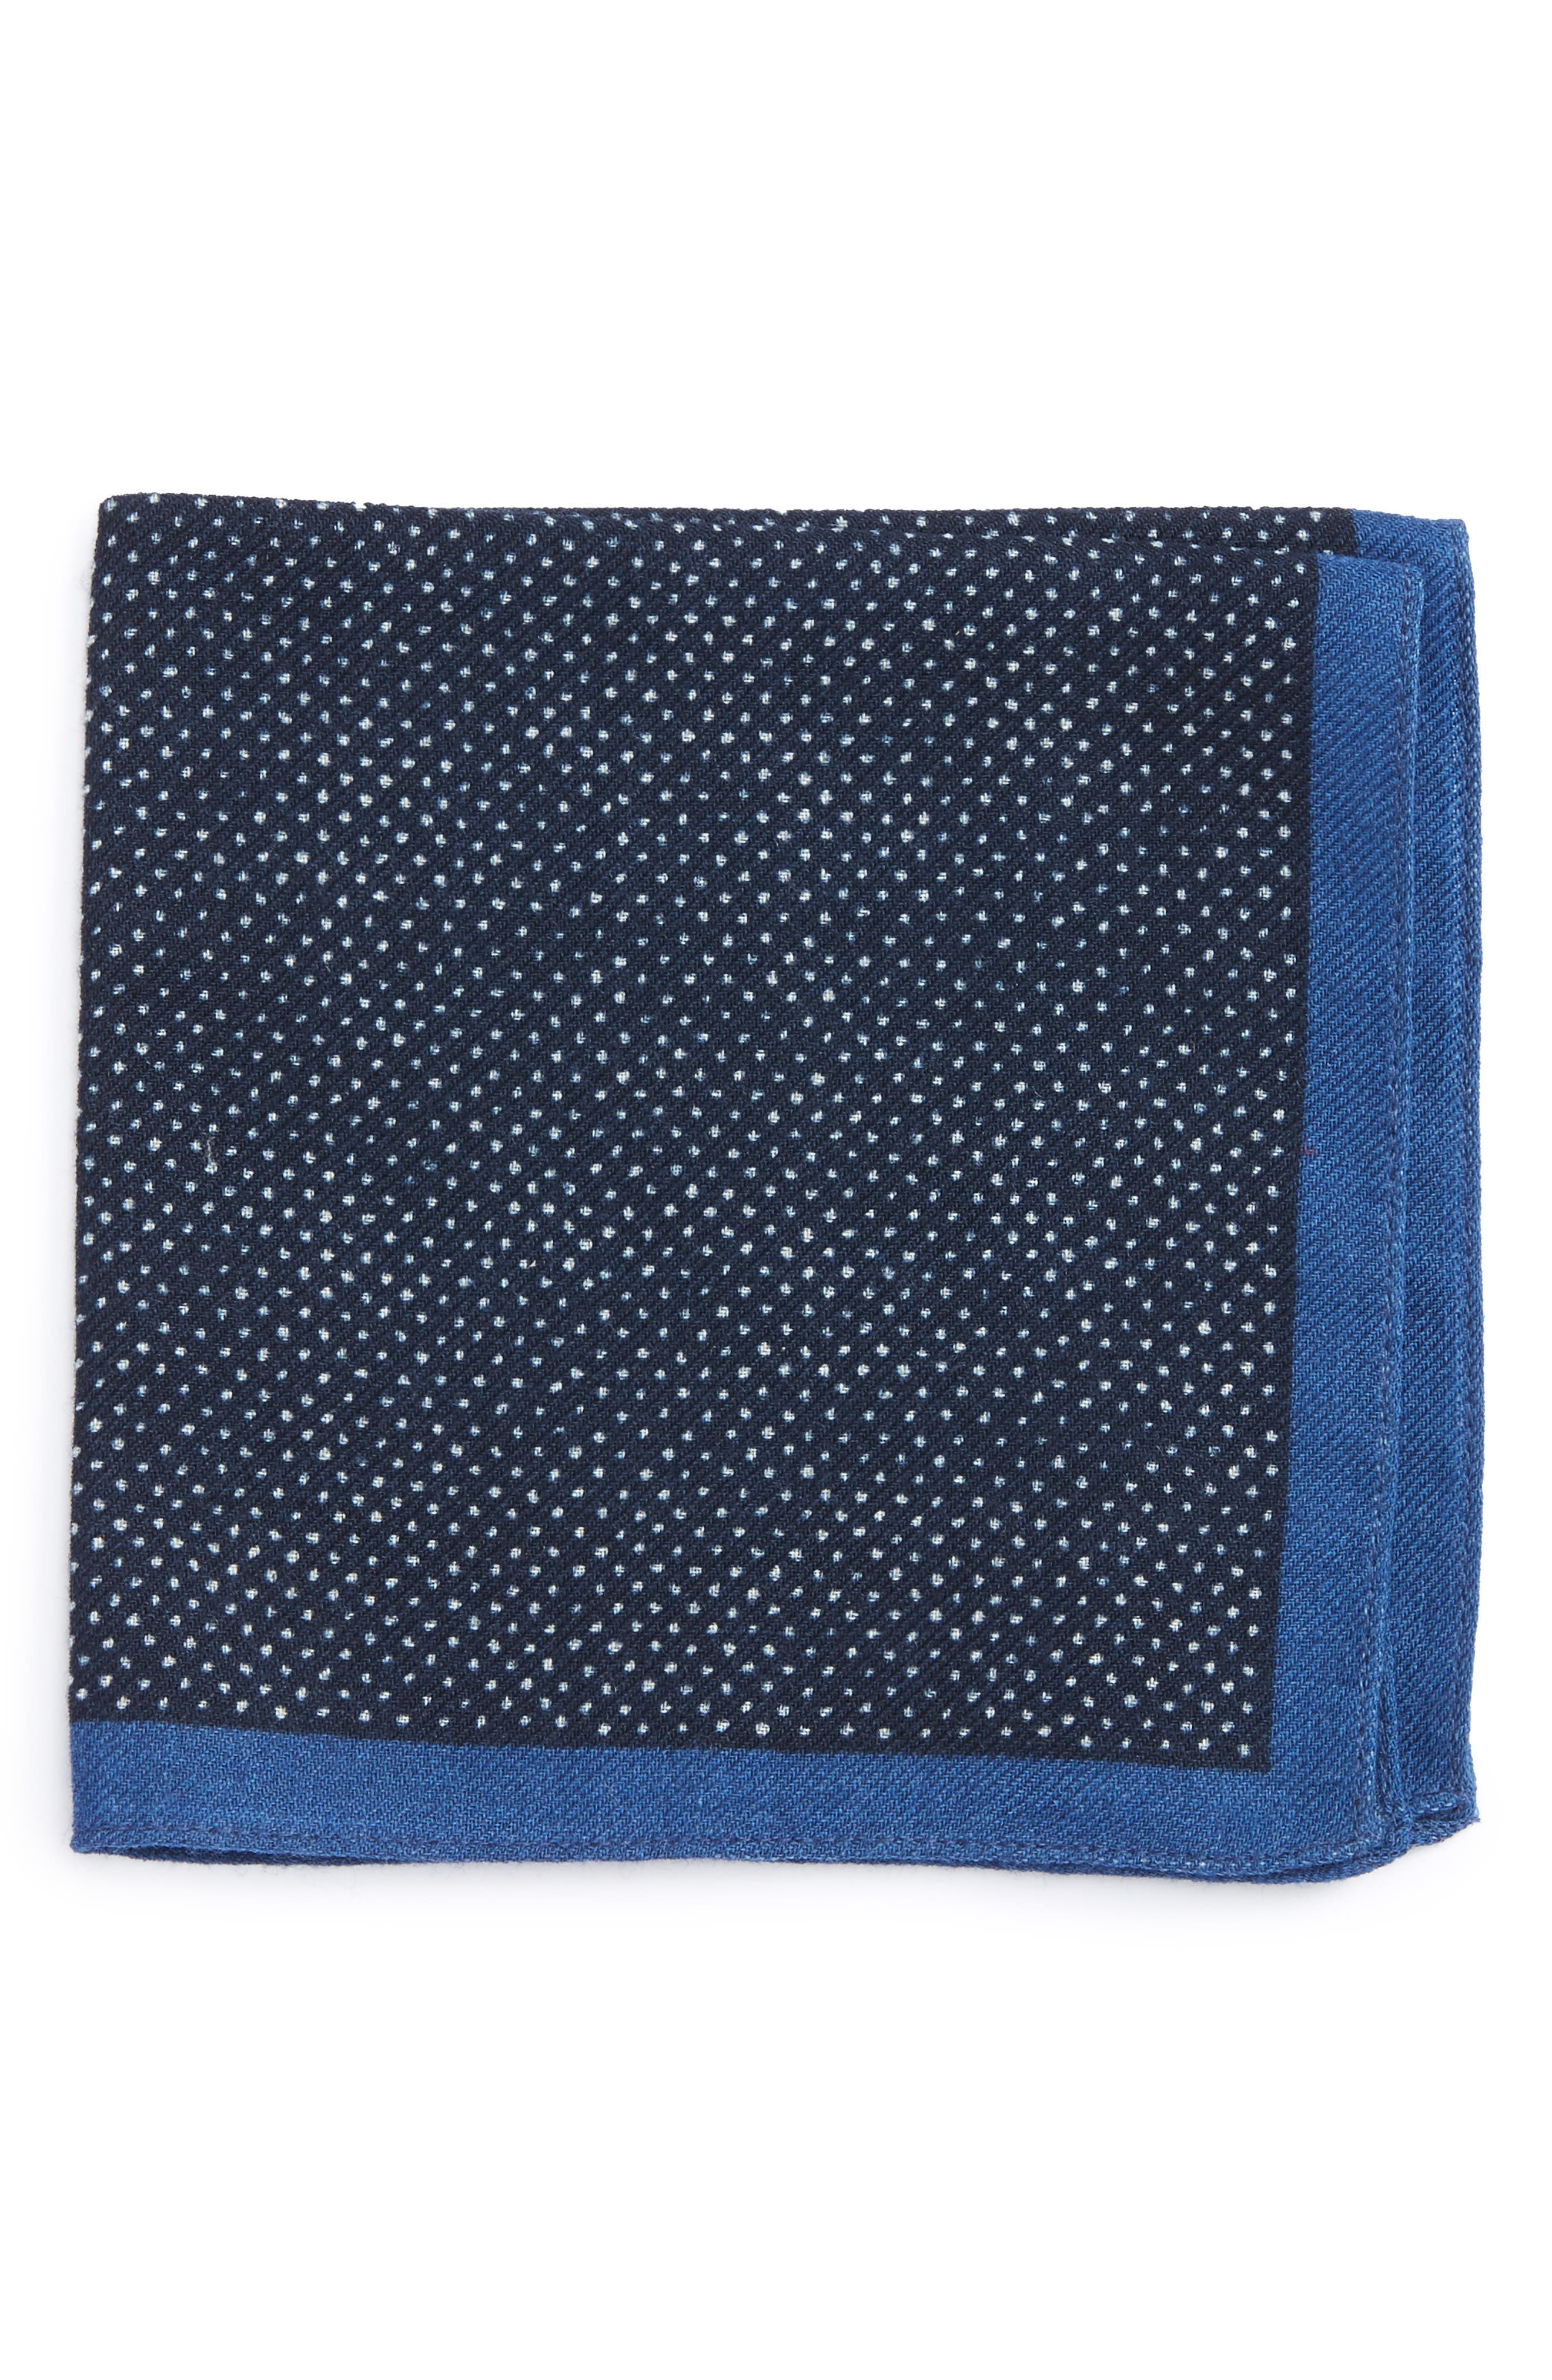 Dot Wool Pocket Square,                             Main thumbnail 1, color,